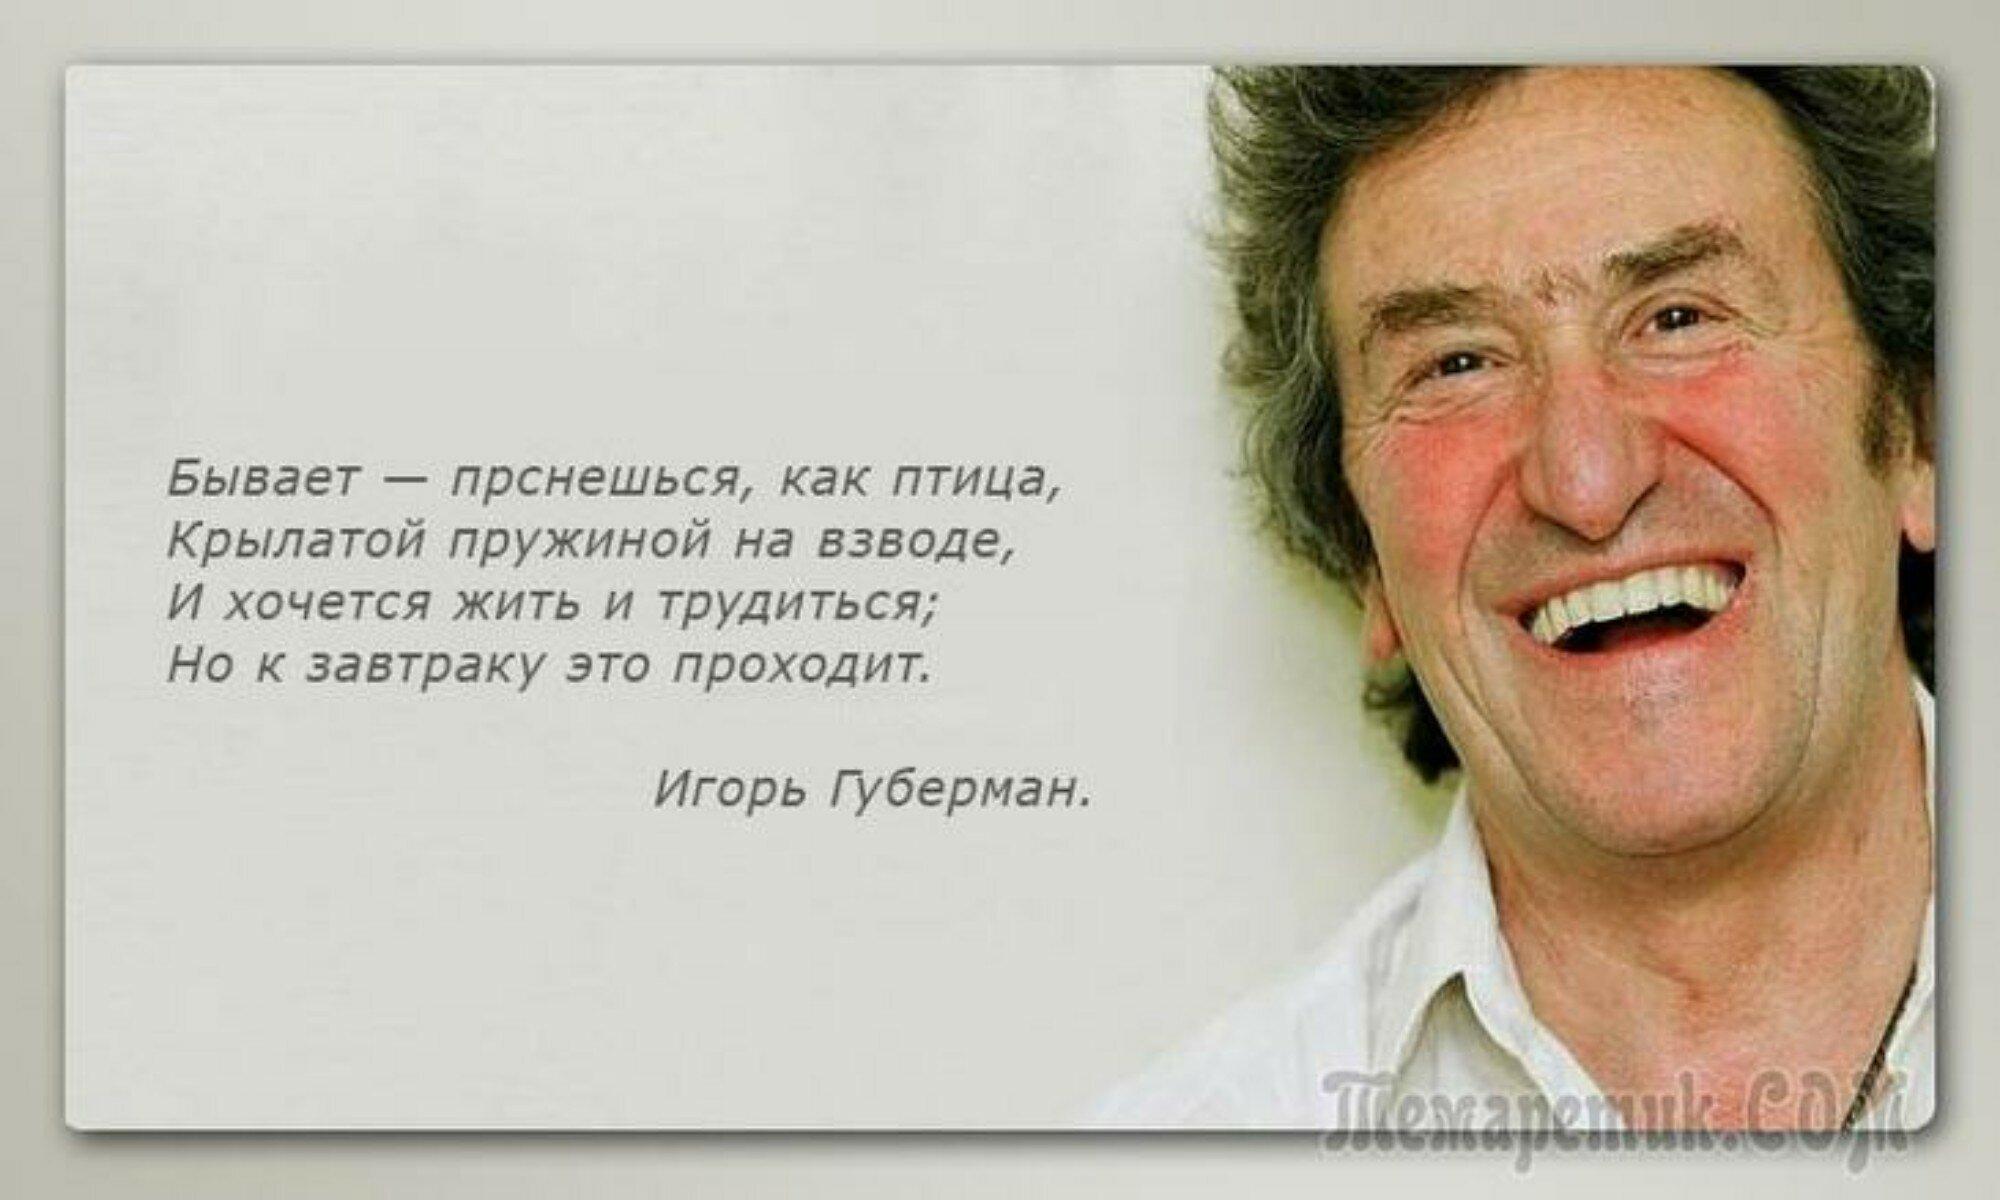 россии губерман поздравления с днем рождения мужчине однолетник